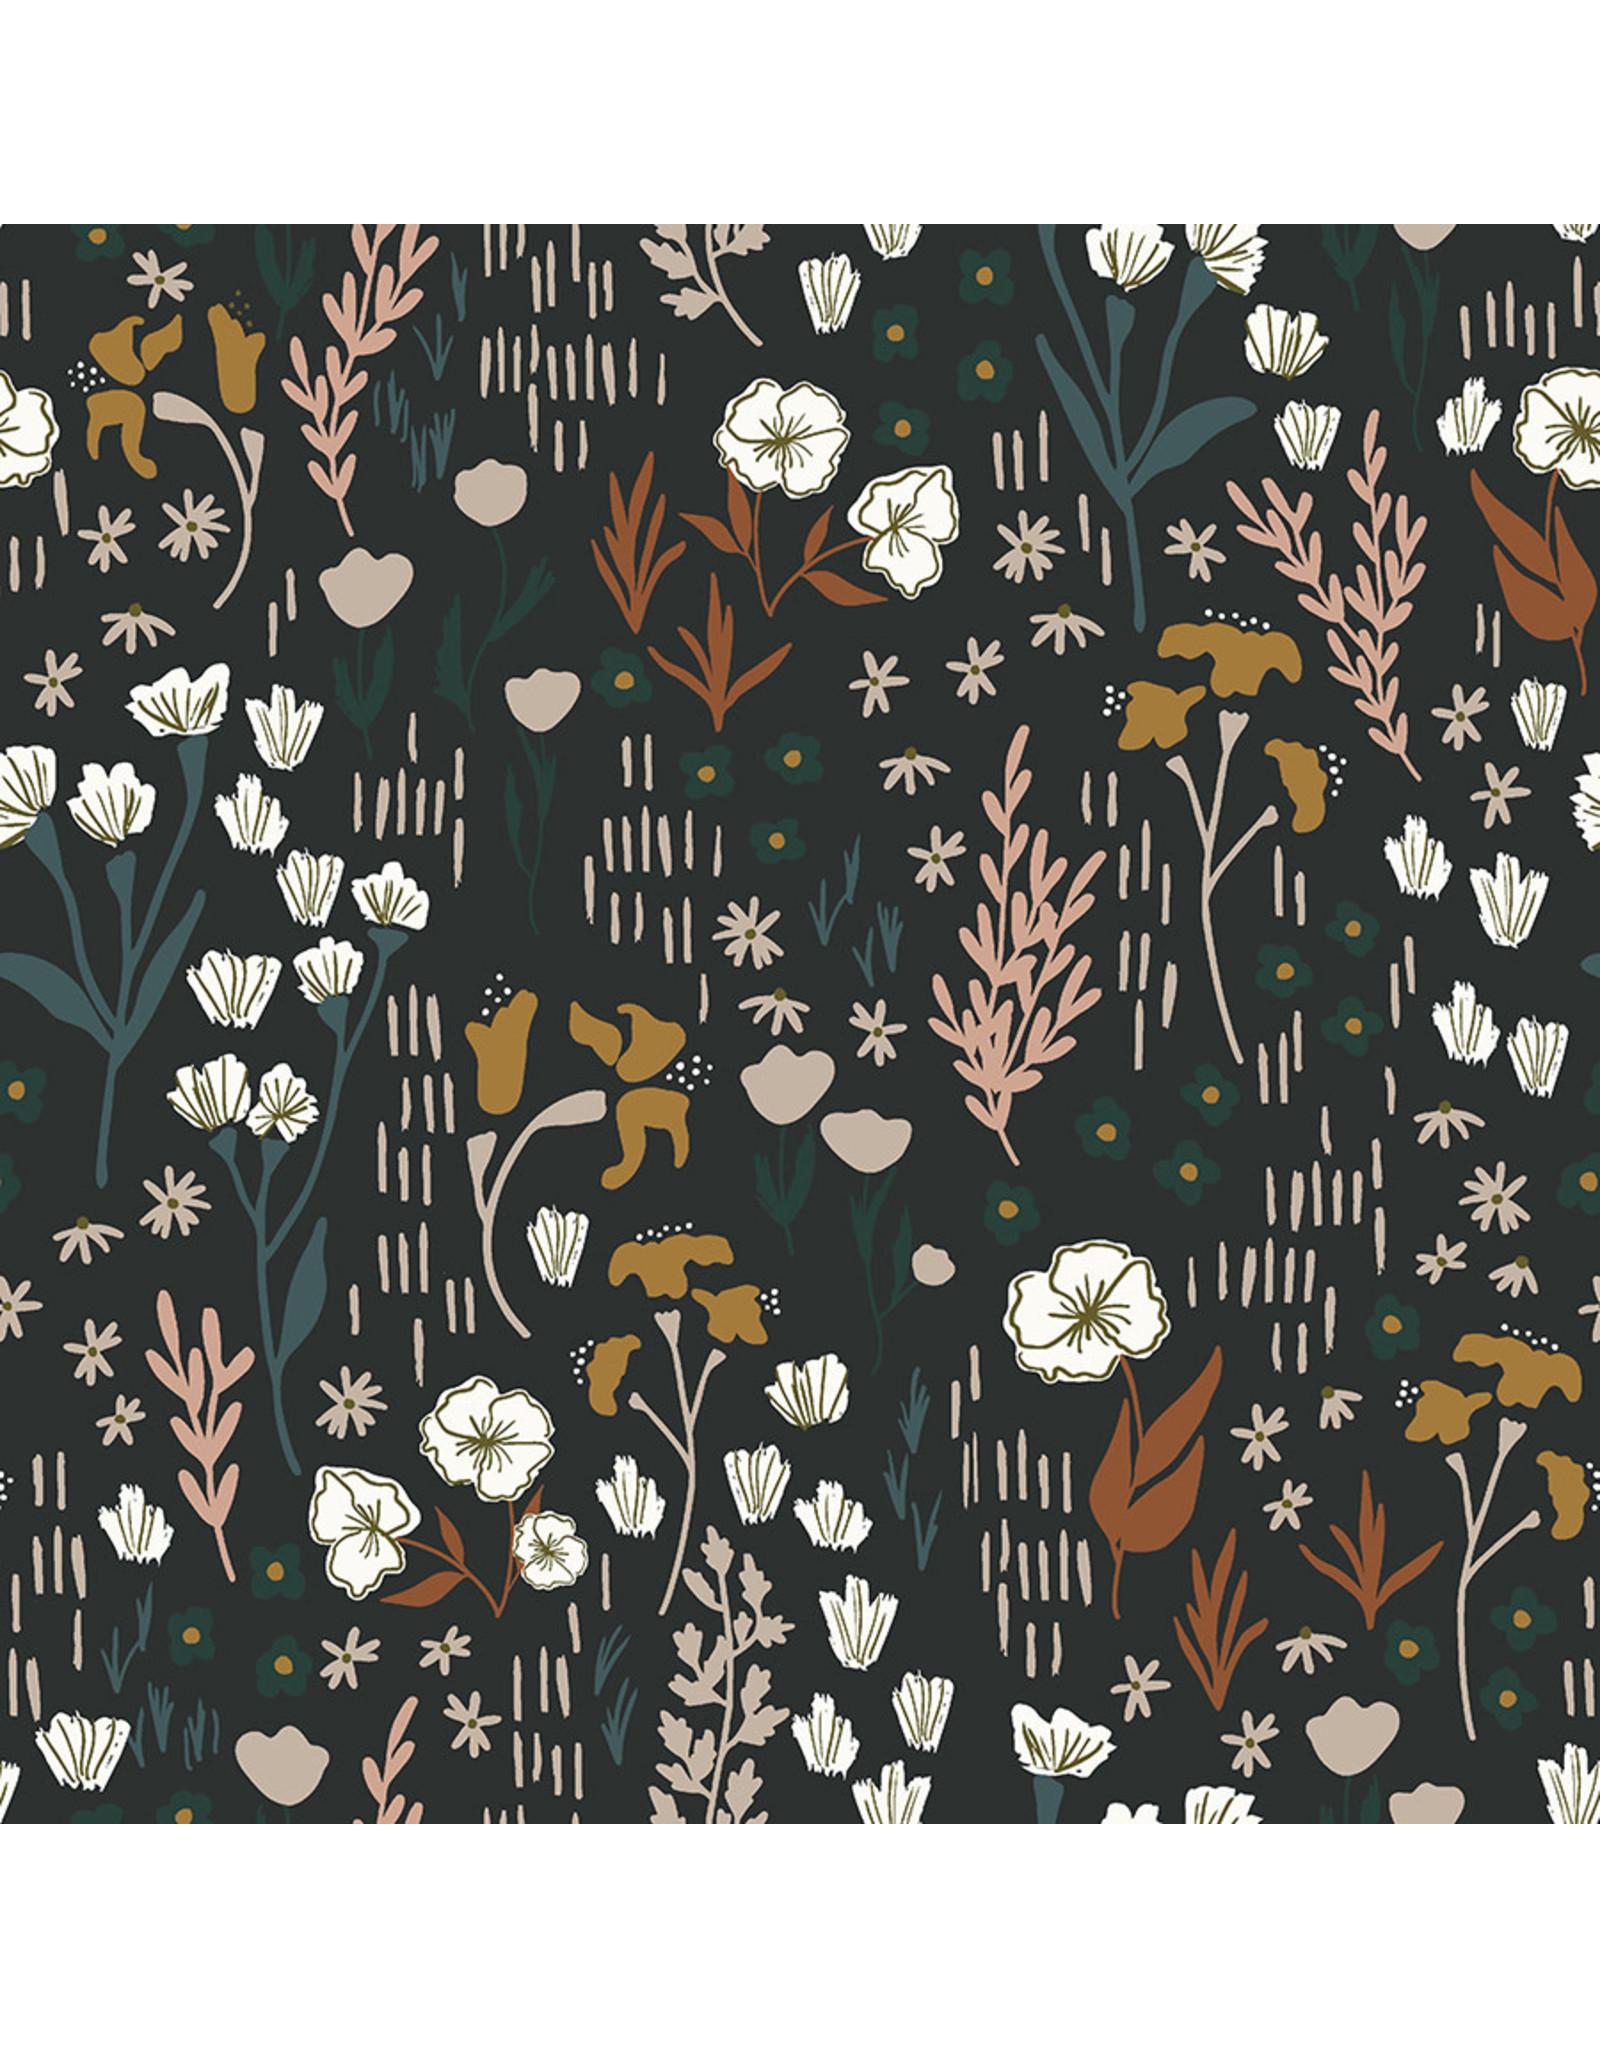 Cotton + Steel Dear Isla, Meadow in Twilight, Fabric Half-Yards